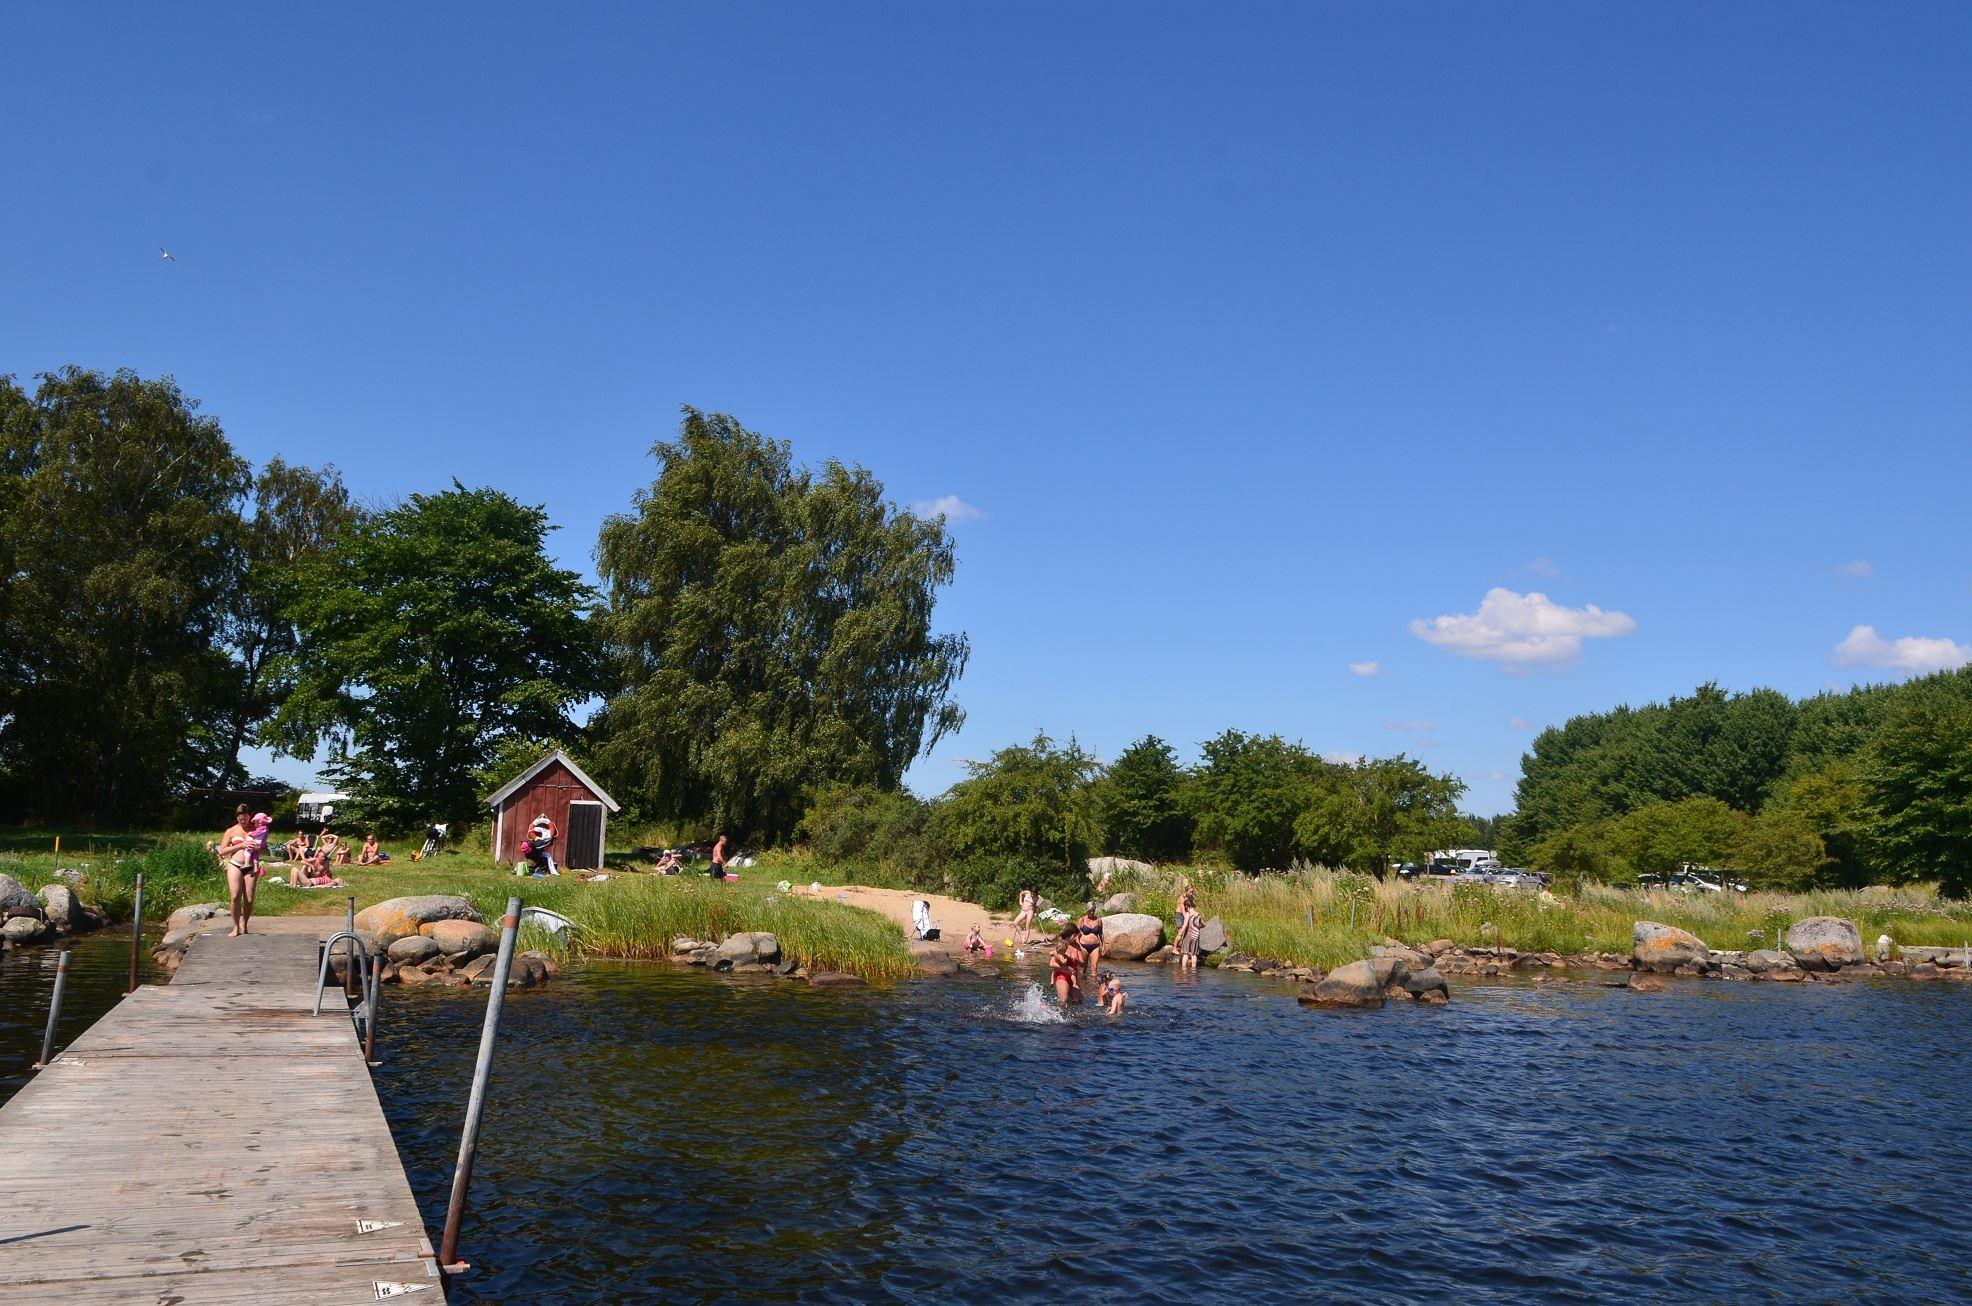 Tomsabo badplats, Edenryd